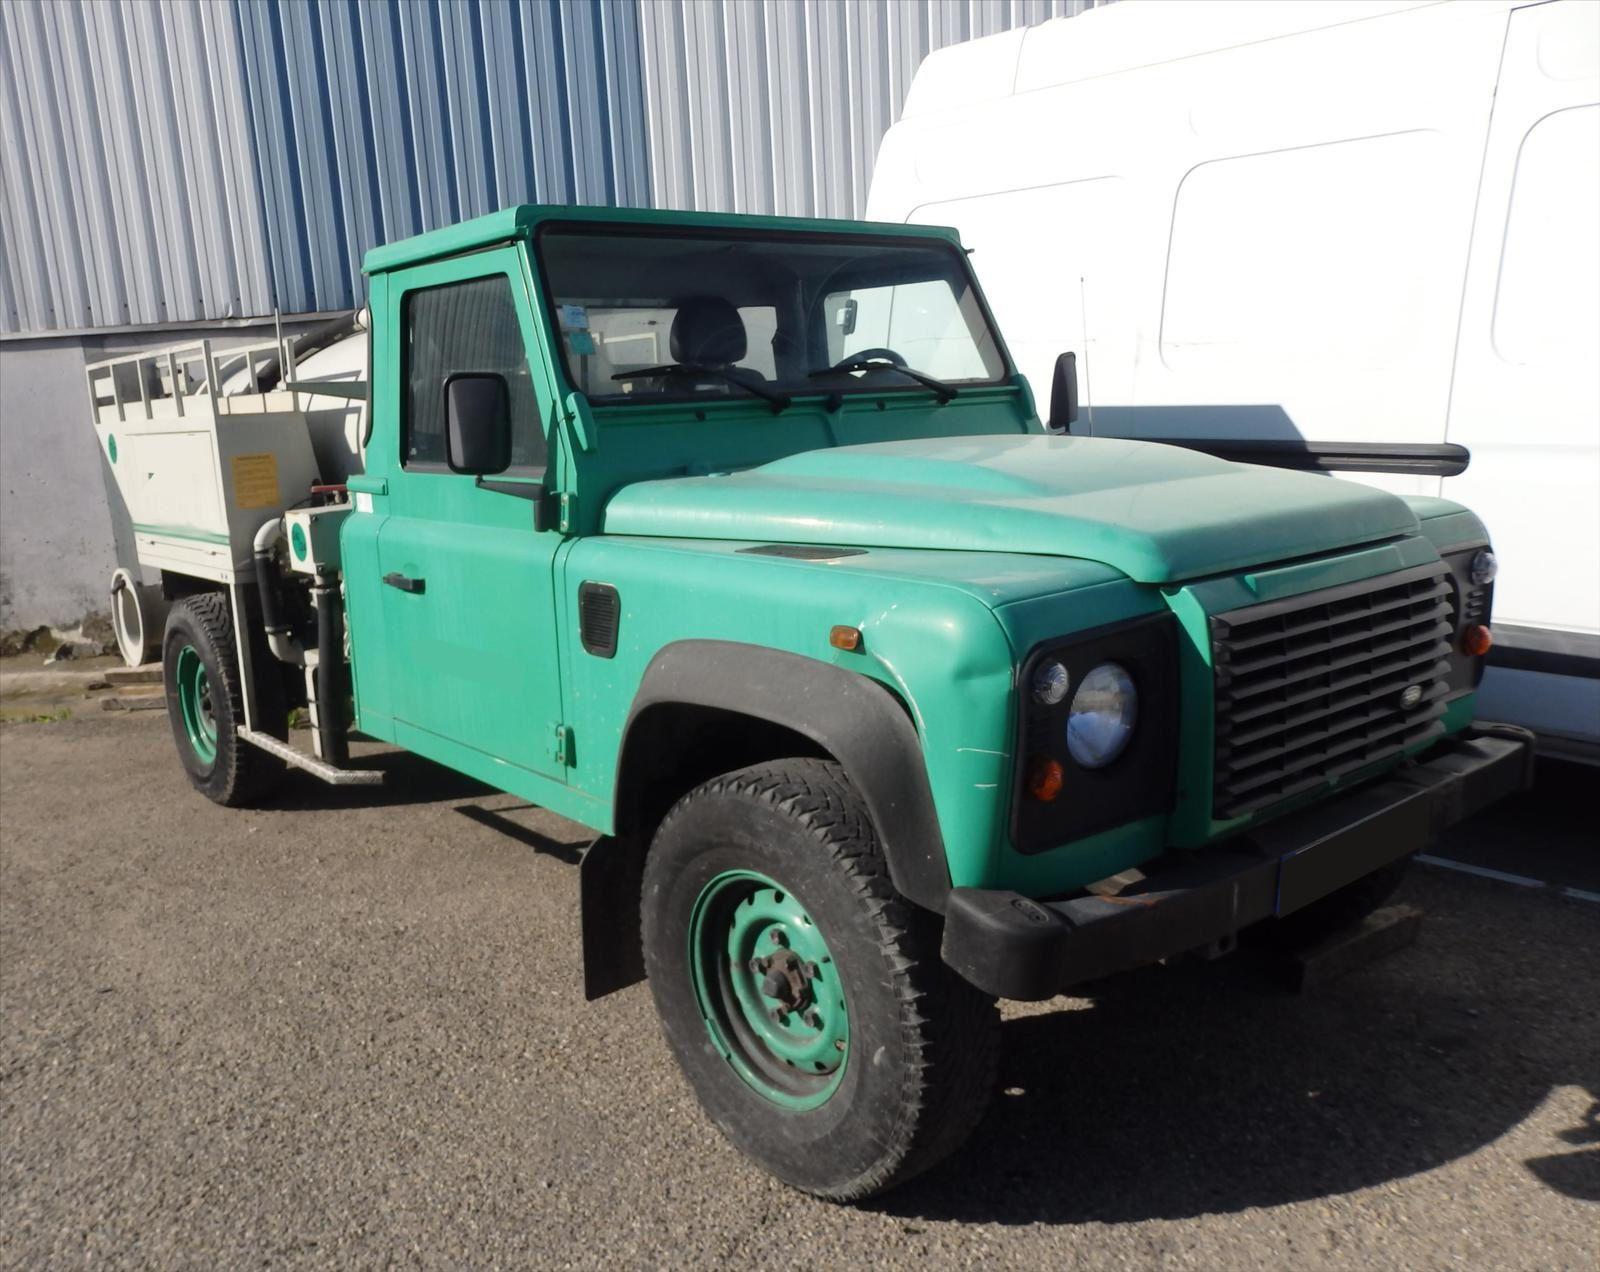 Camion 3,5t VL Hydrocureur TRANSCOMM13 Pierre BASSAT 0608066192